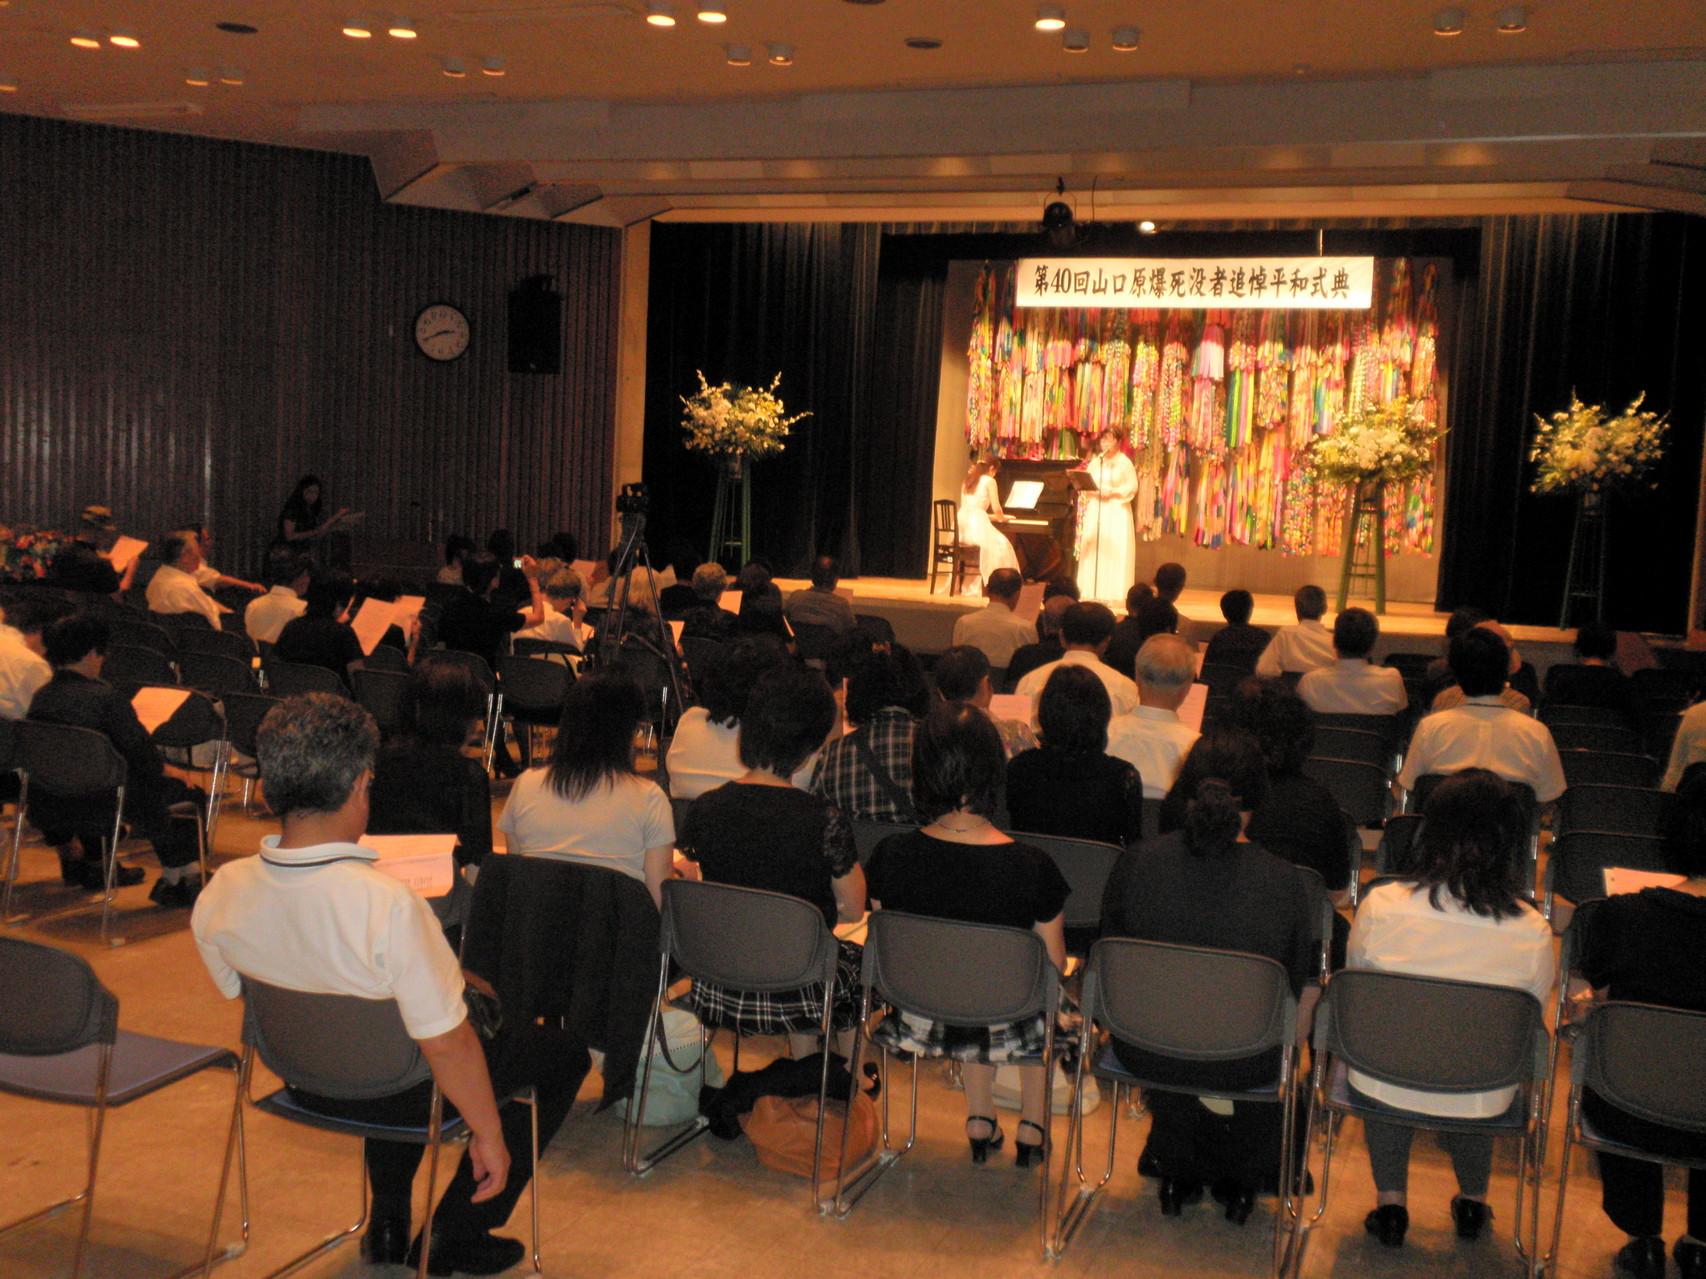 ソリスト 大島 久美子さん 「ひろしま平和の歌」 歌詞指導 (ピアノ伴奏:森須 奏絵さん)